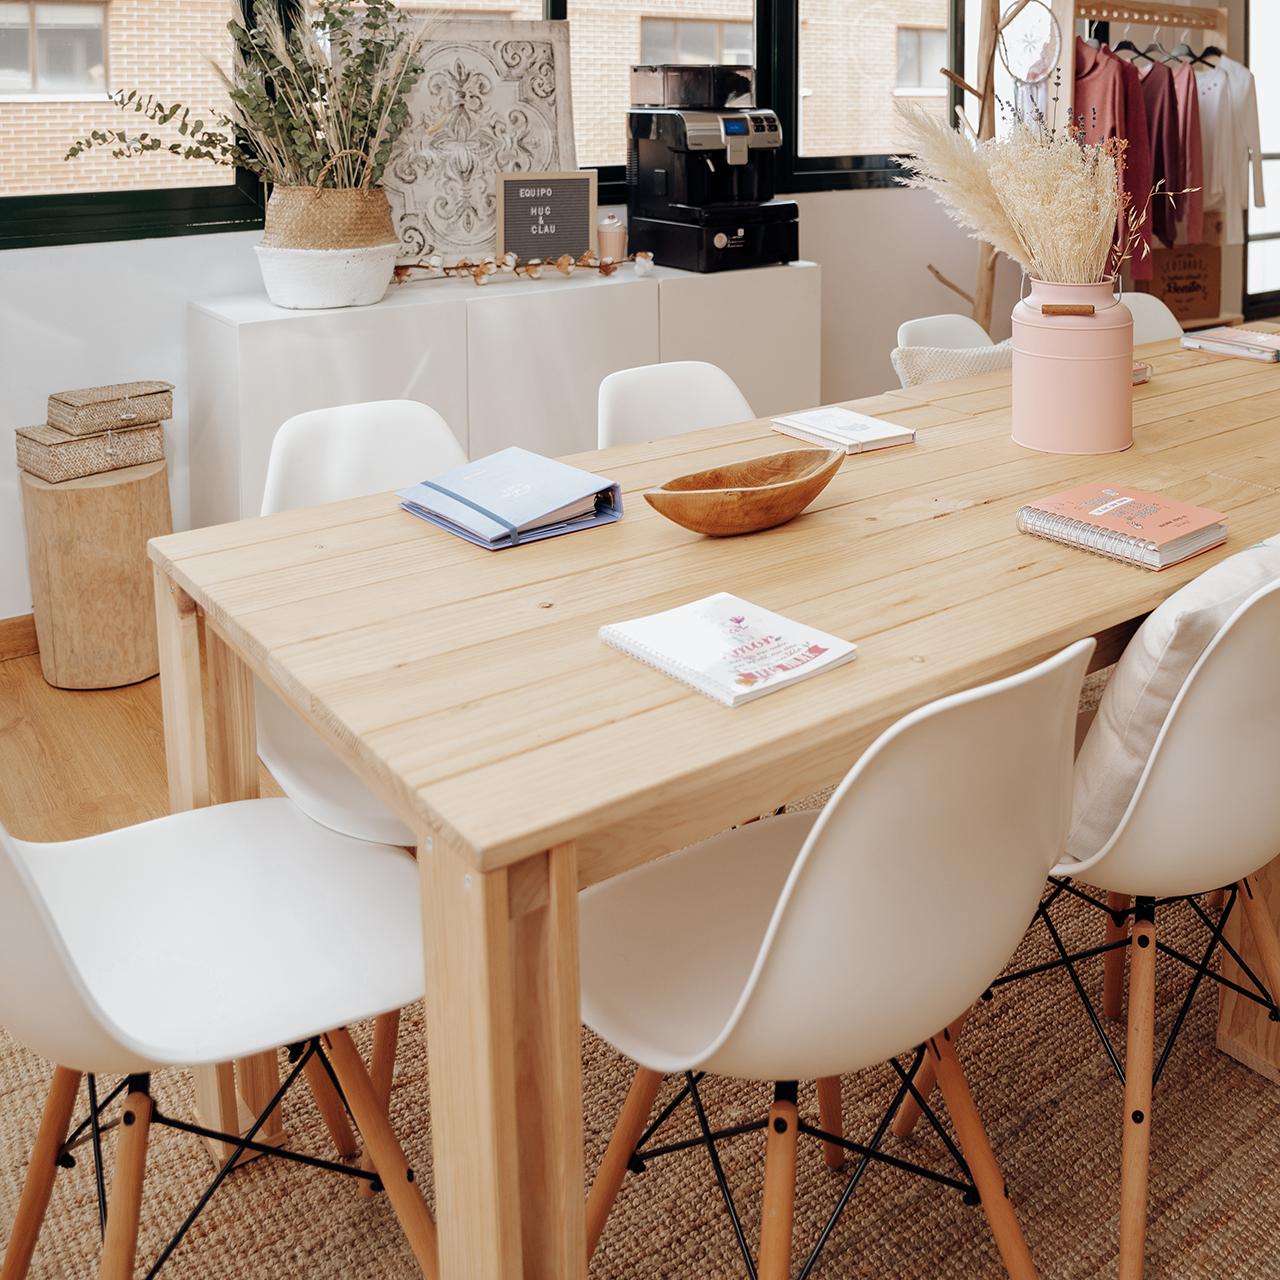 ARINA: mesas de diseño nórdico y fabricación ecológica